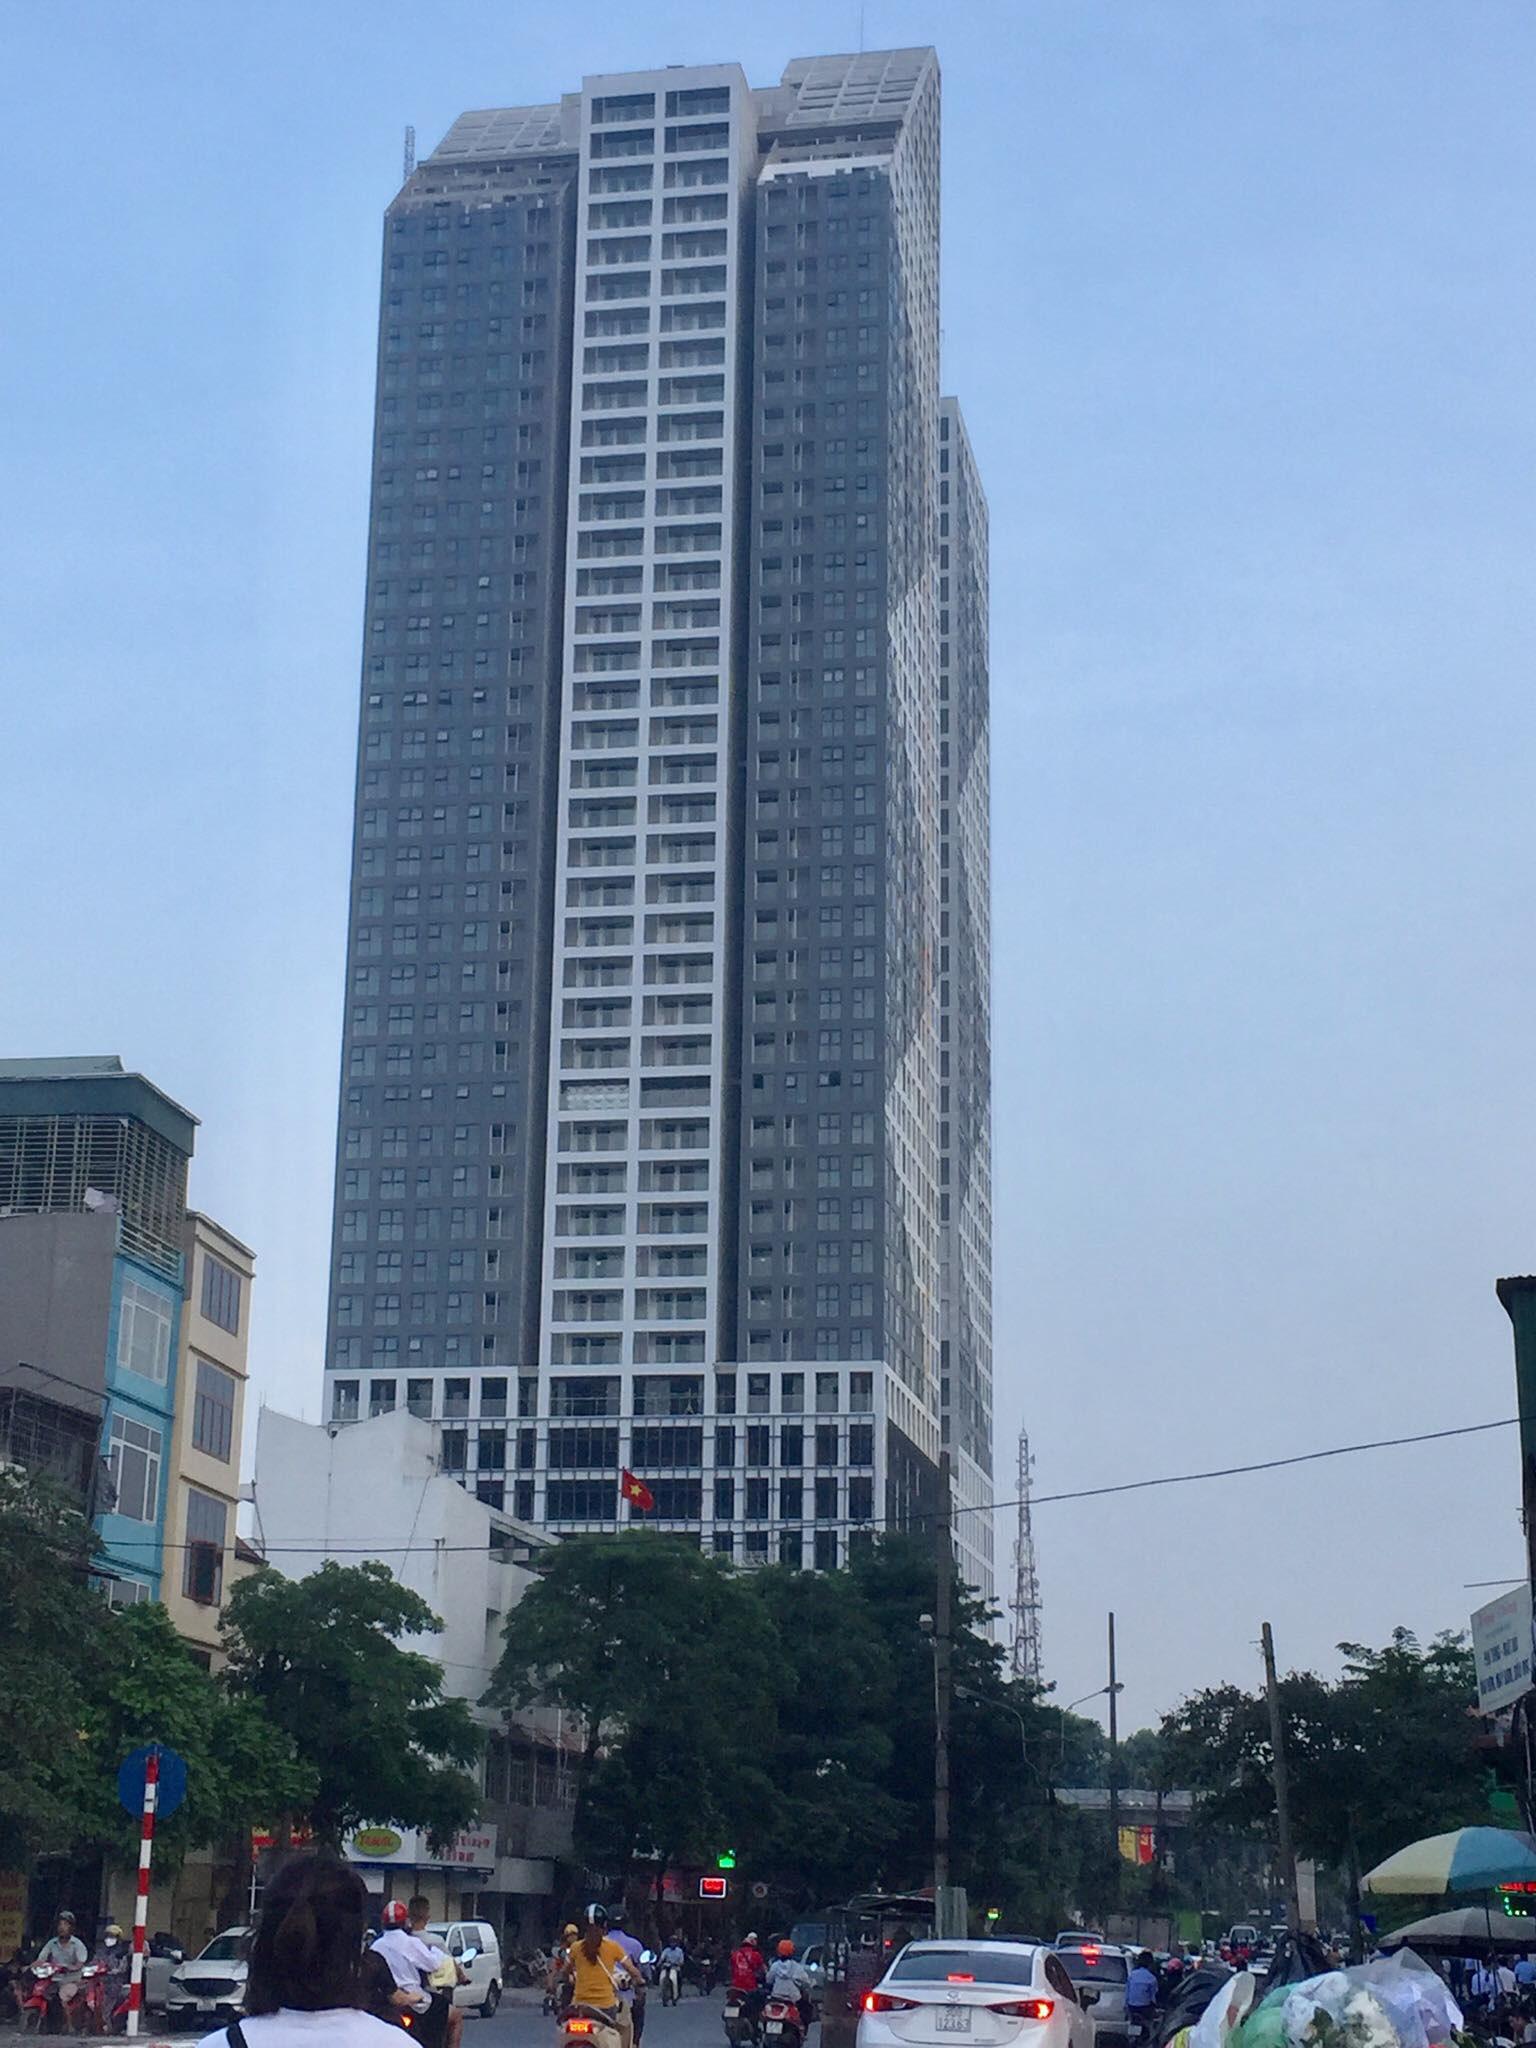 Sau vụ công nhân rơi từ tầng 38 toà tháp Thiên Niên Kỷ tử vong ở Hà Nội, dân nơm nớp lo sợ - Ảnh 1.